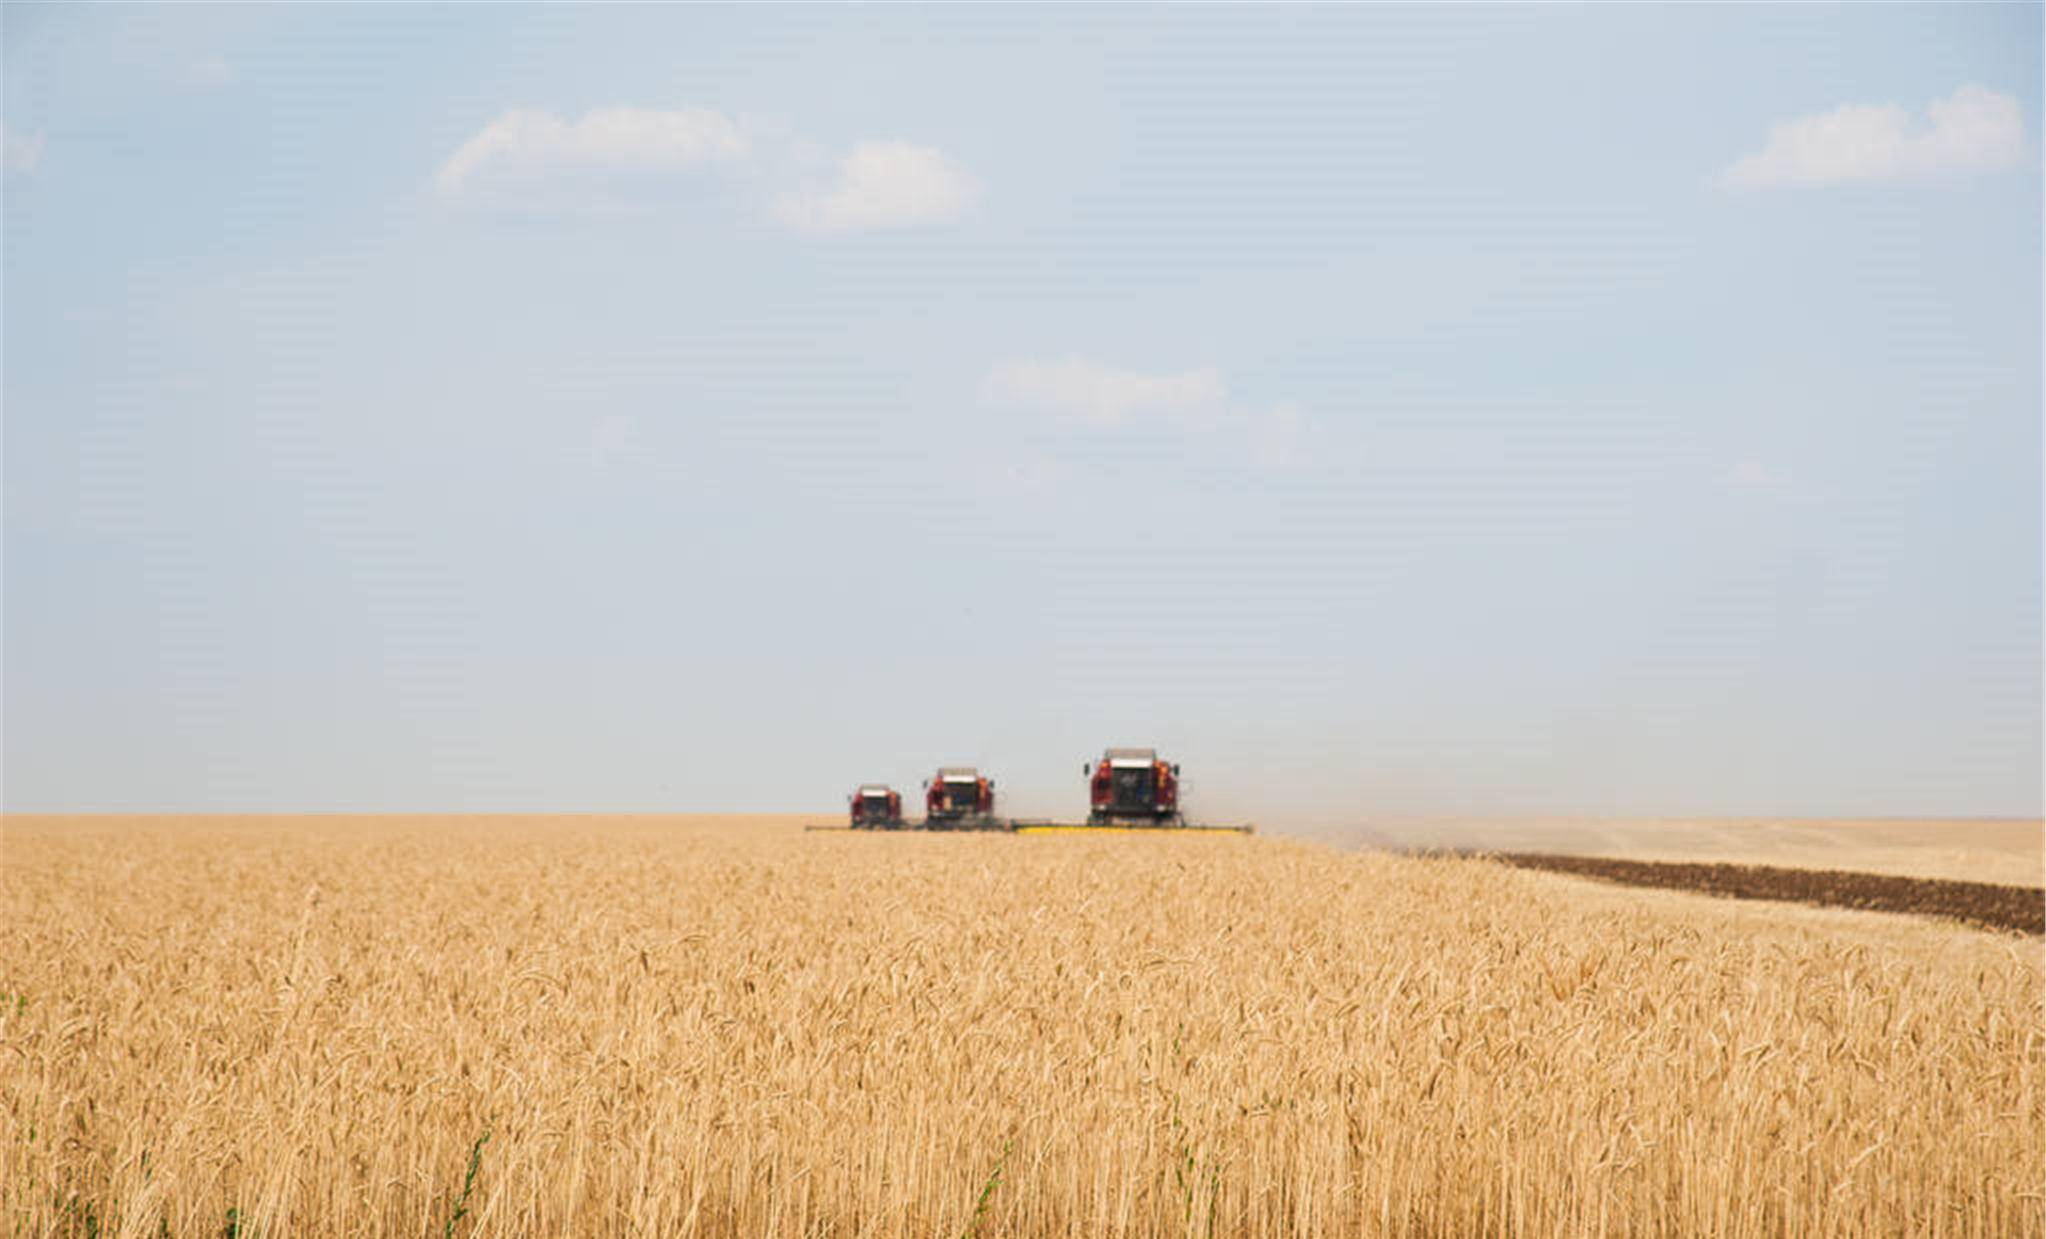 粮价上涨会影响粮食补贴吗?